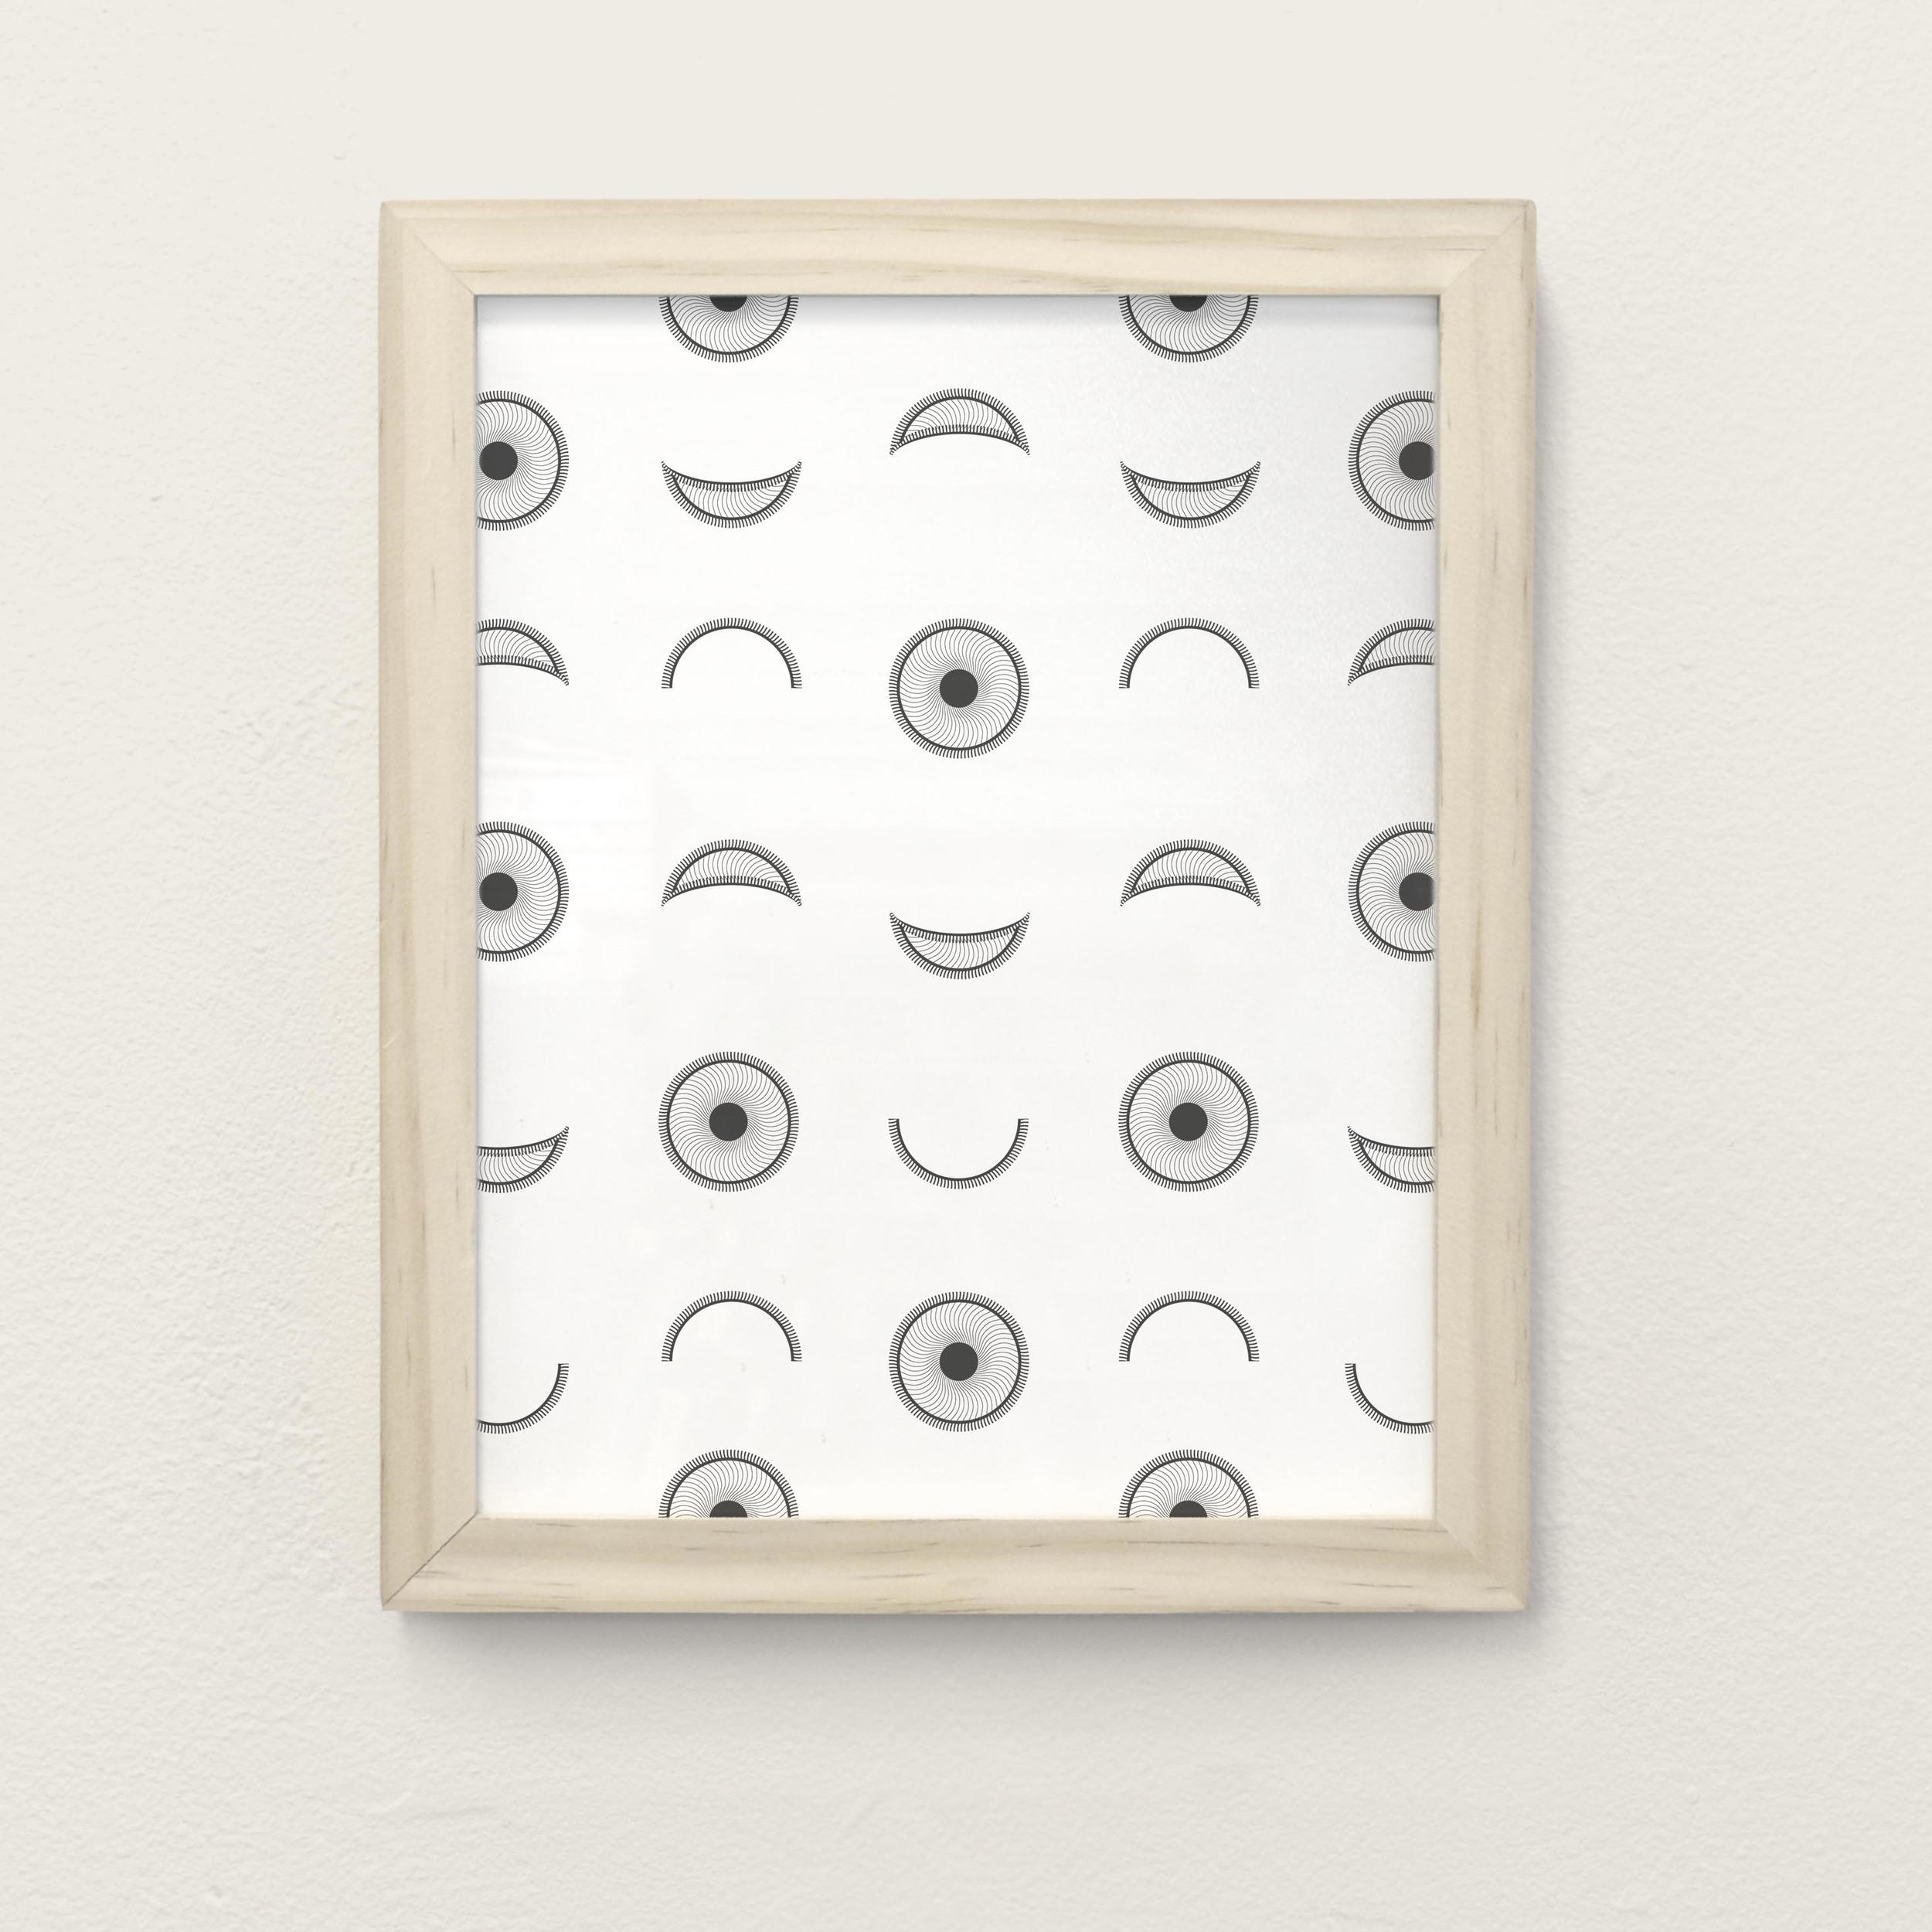 Framed-White_0006_Present Pattern.jpg